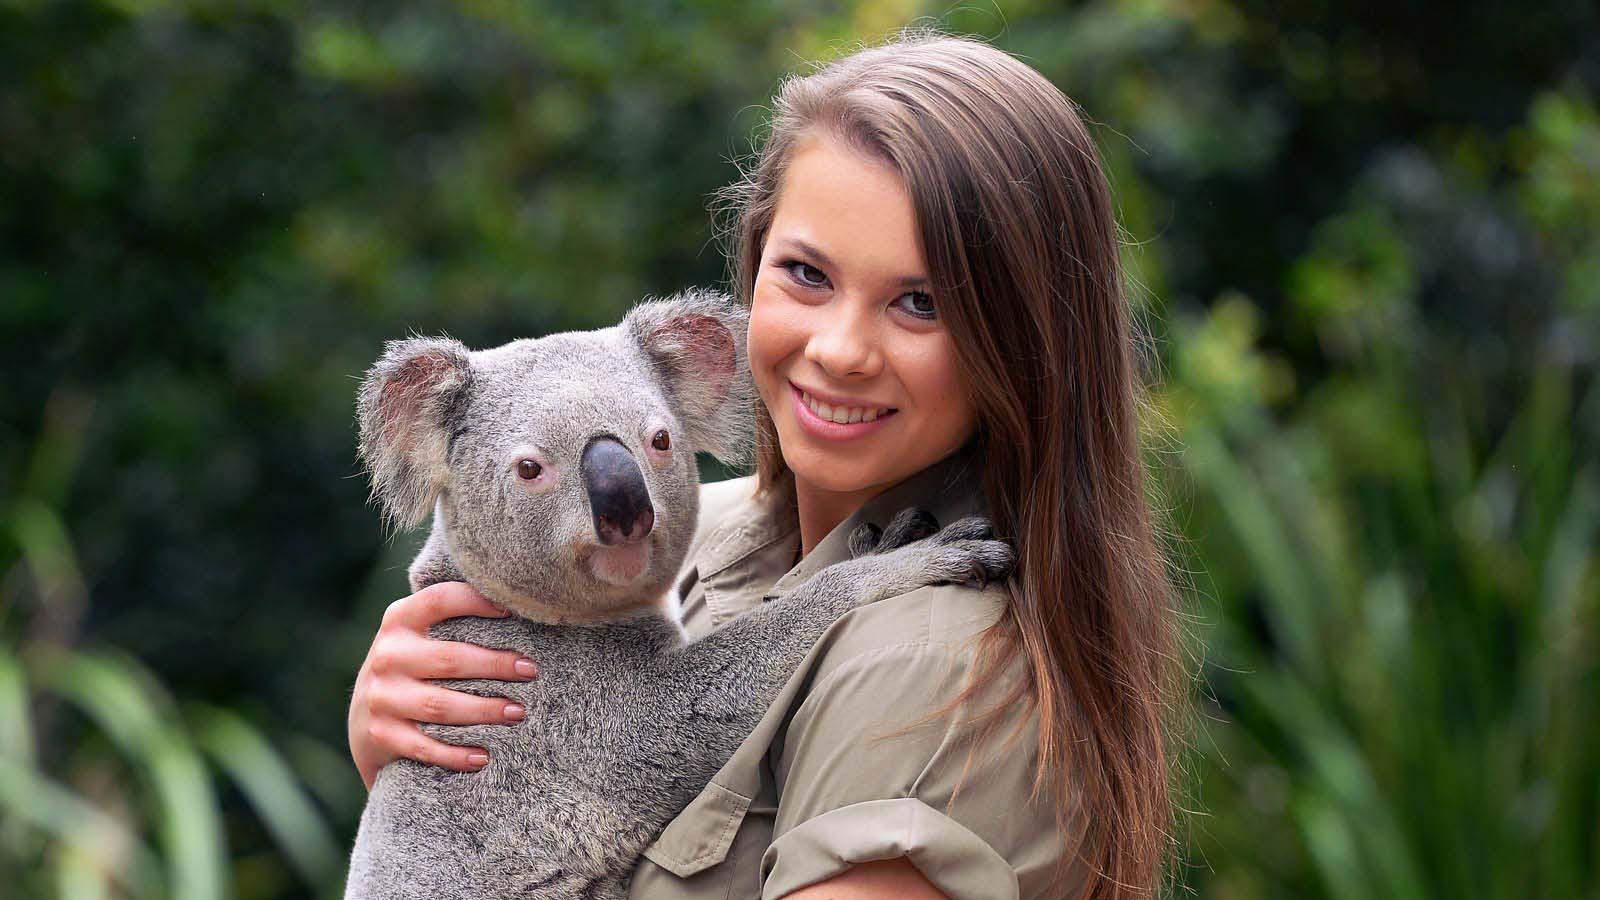 Bindi Irwin cuddling a Koala